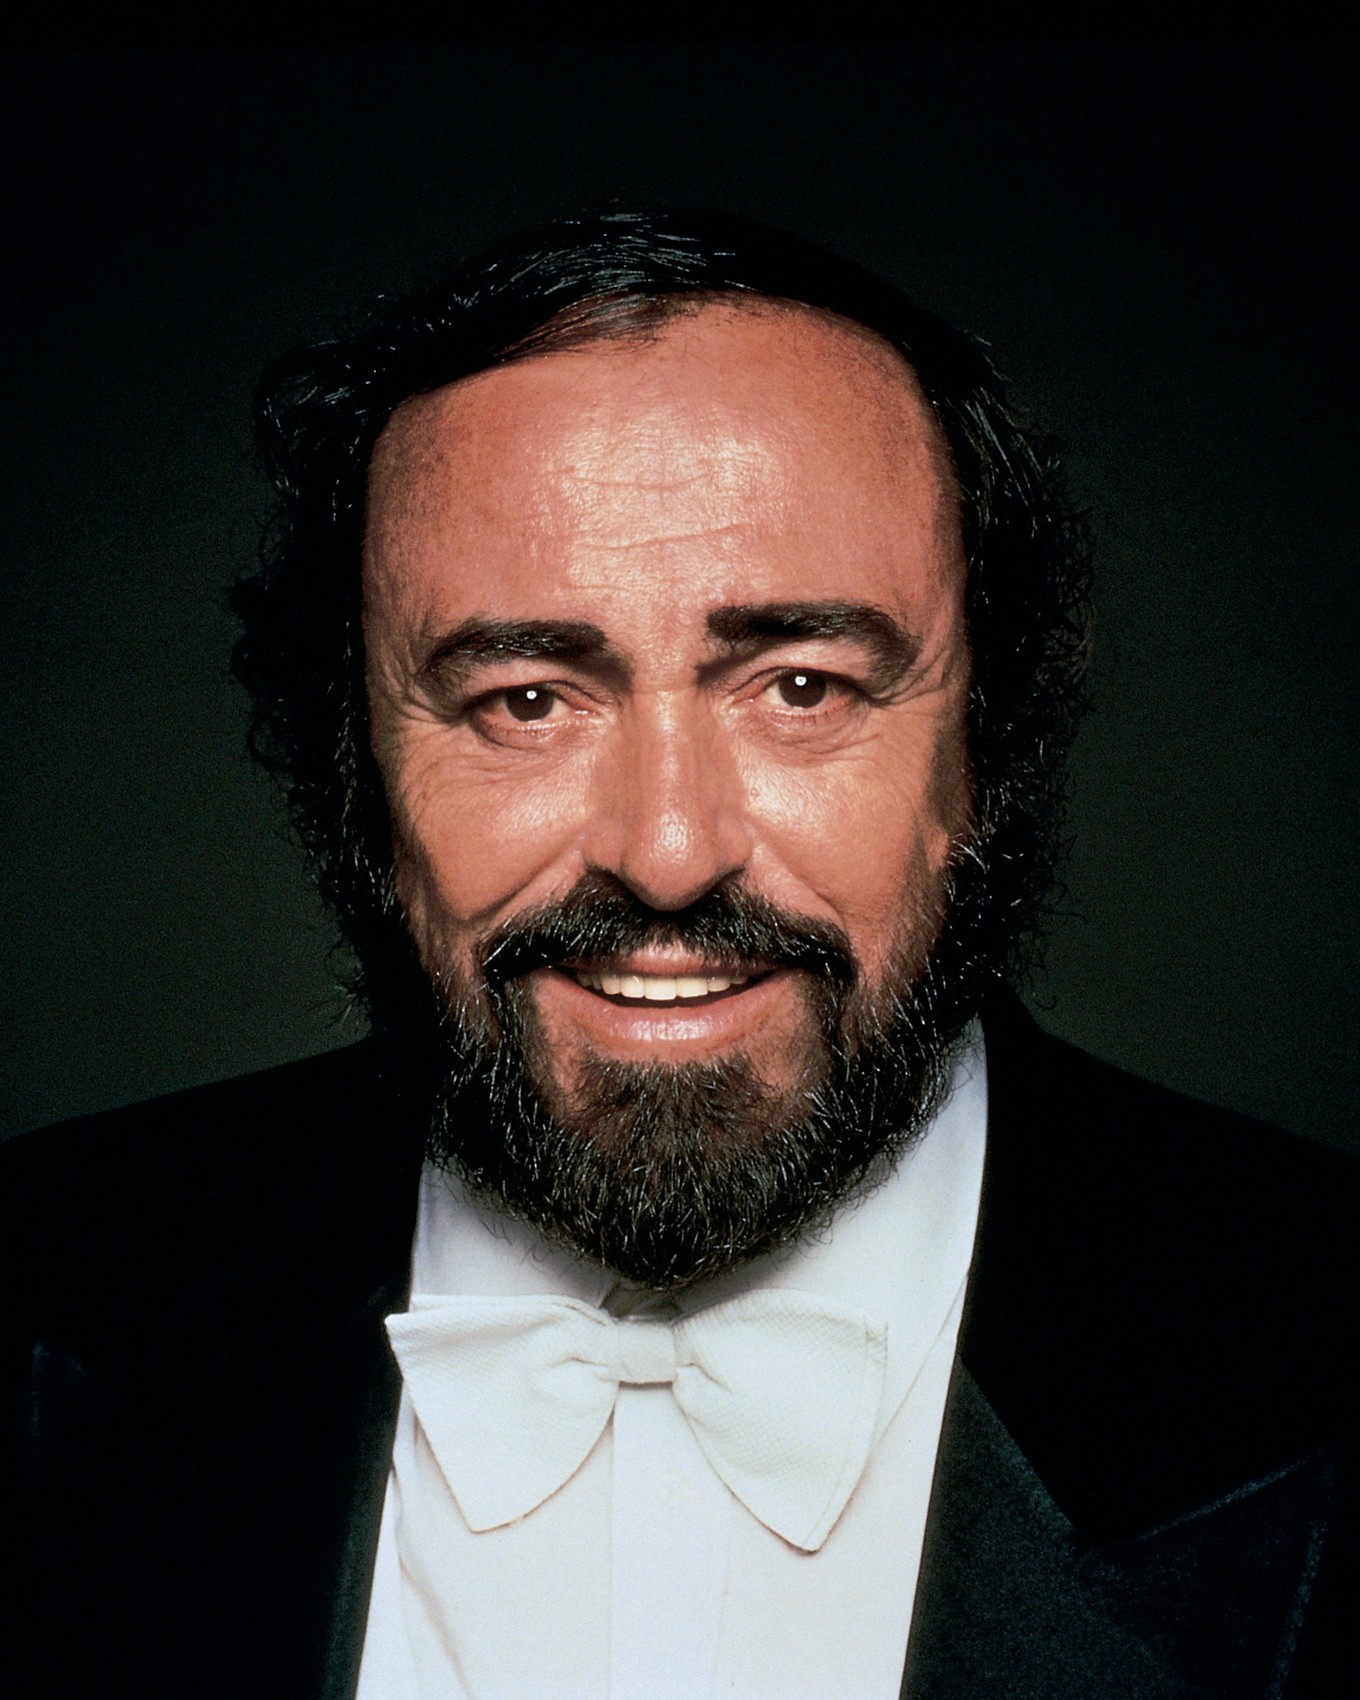 Лучано Паваротти (1935-2007), итальянский оперный певец, тенор